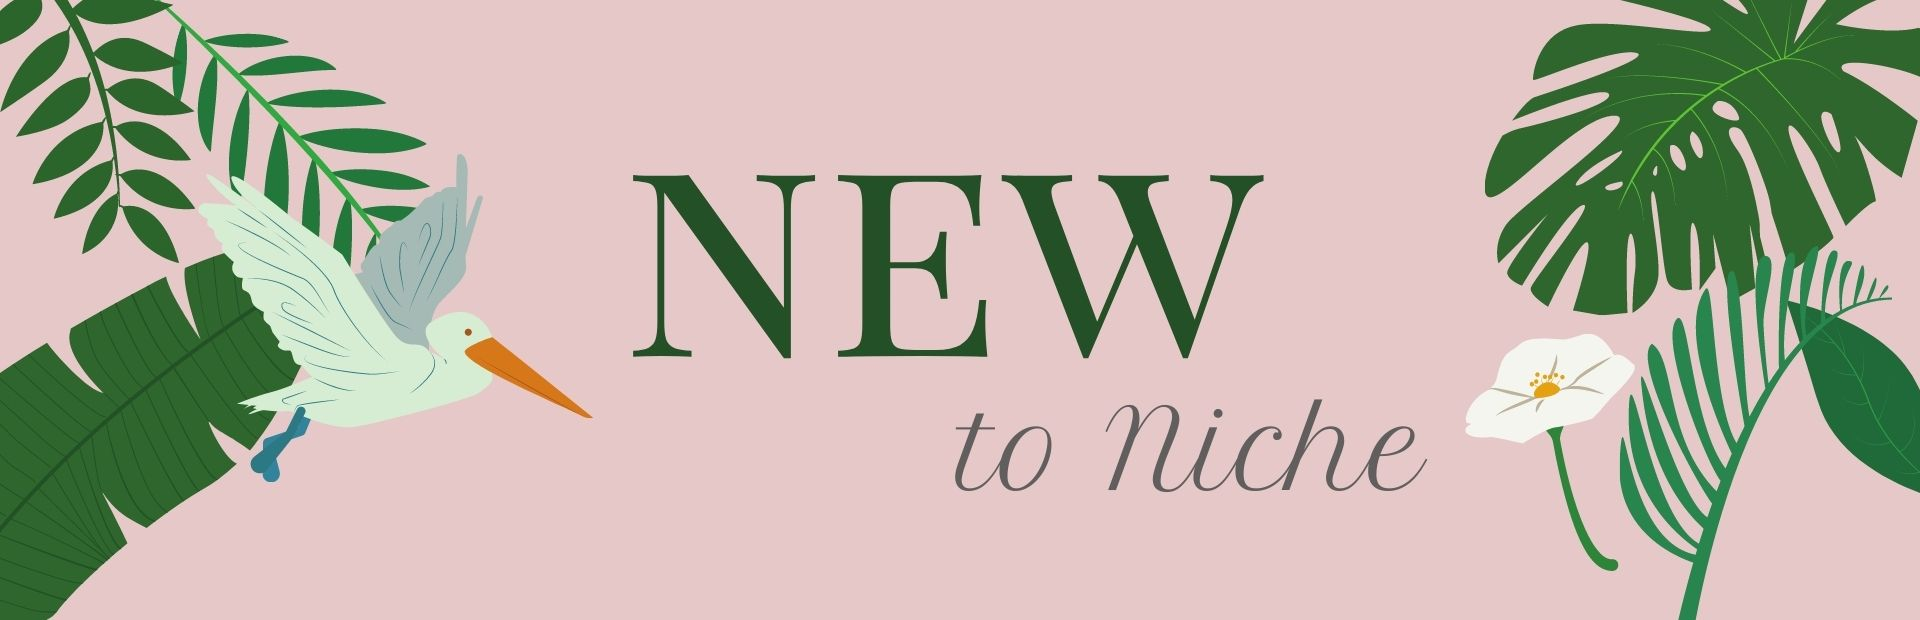 New to Niche